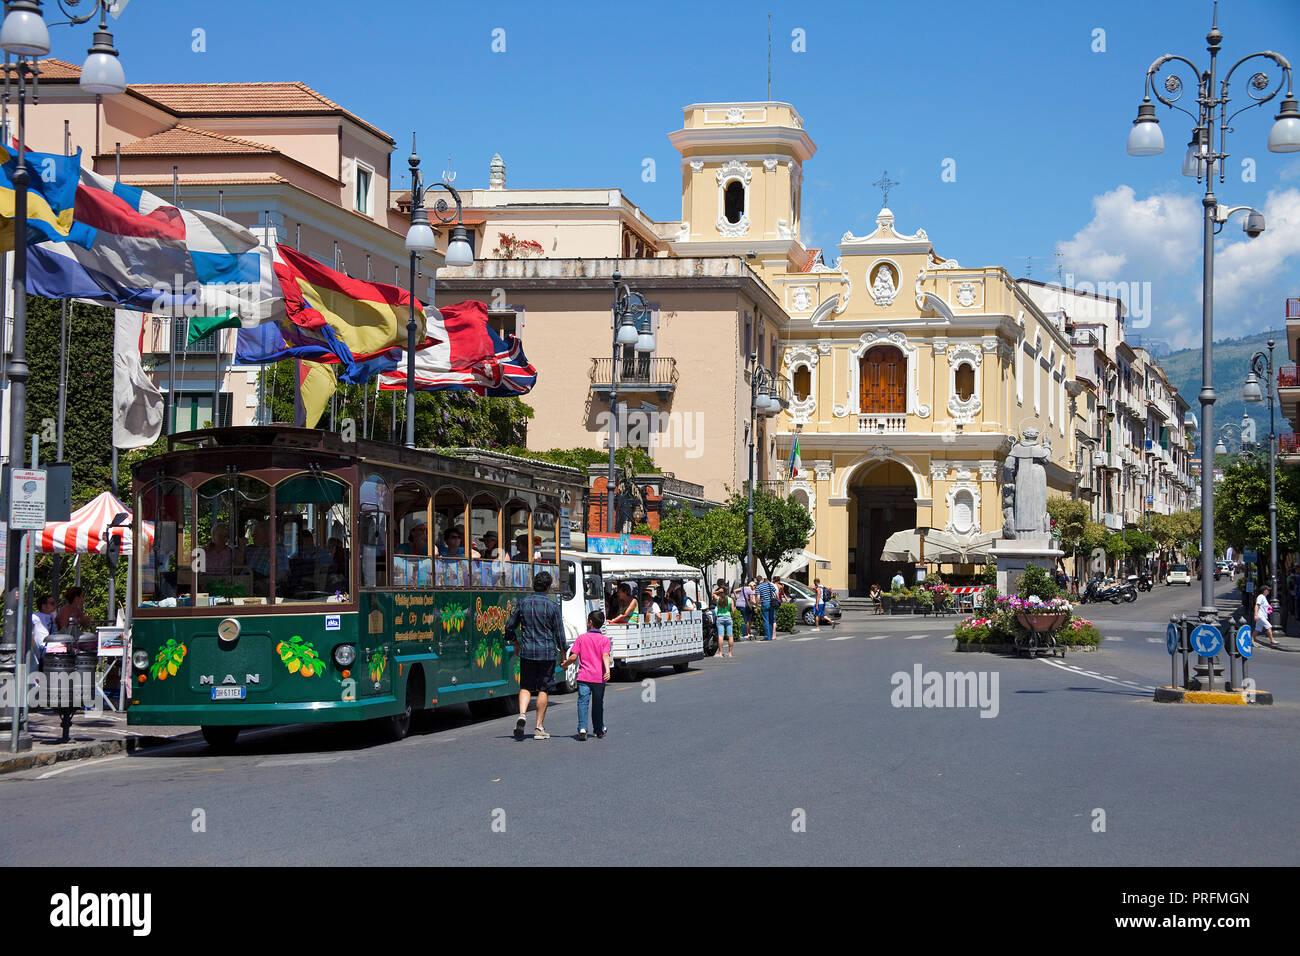 Retro bus touristique à l'église des Carmes, Piazza Tasso, Sorrento, Péninsule de Sorrente, Golfe de Naples, Campanie, Italie Photo Stock